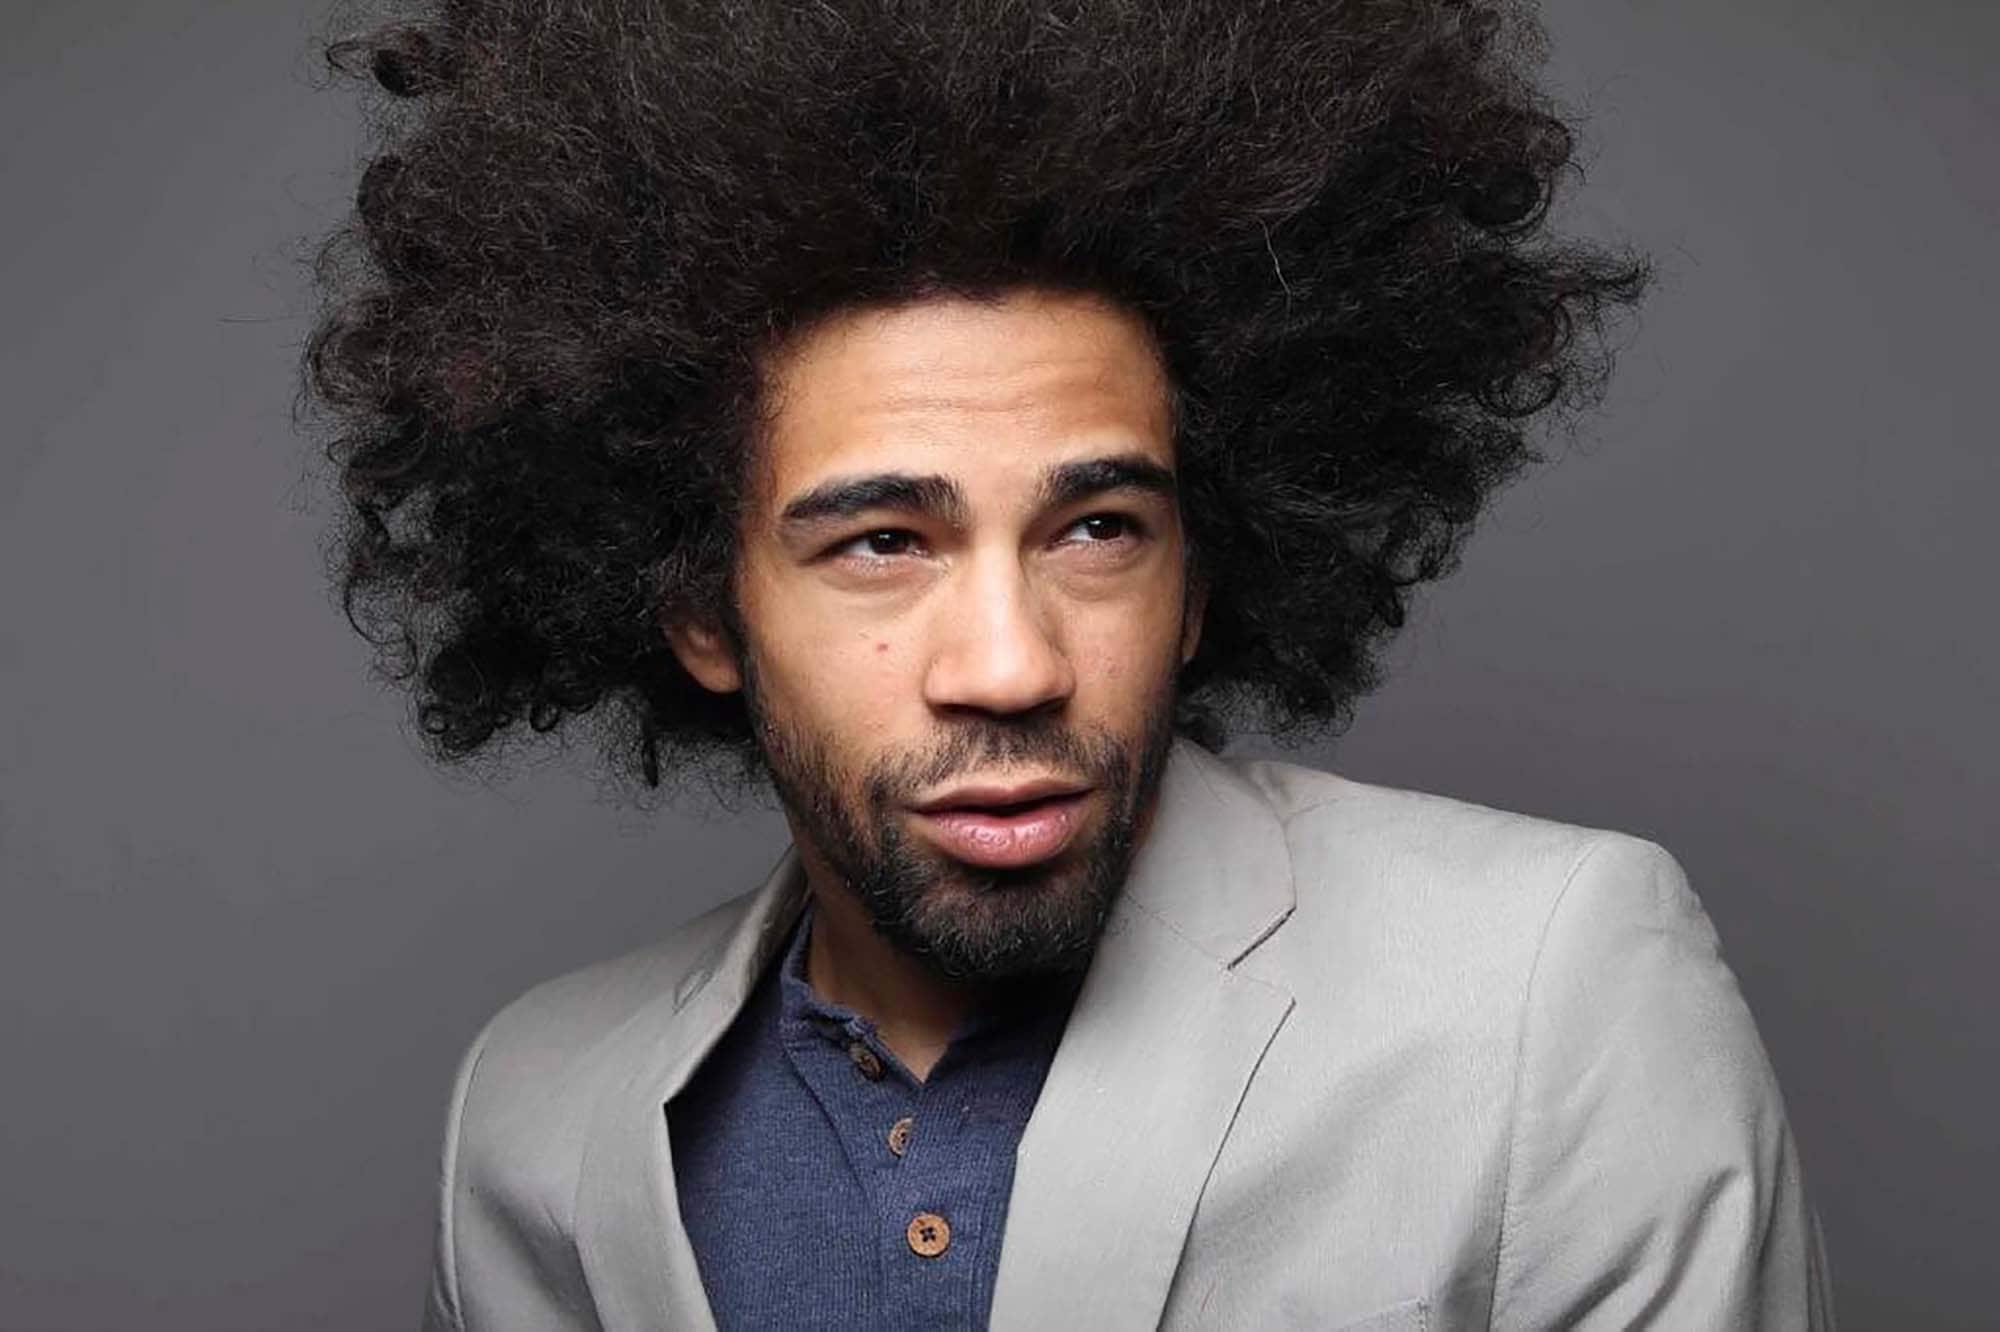 Peinados para hombres con cabello afro